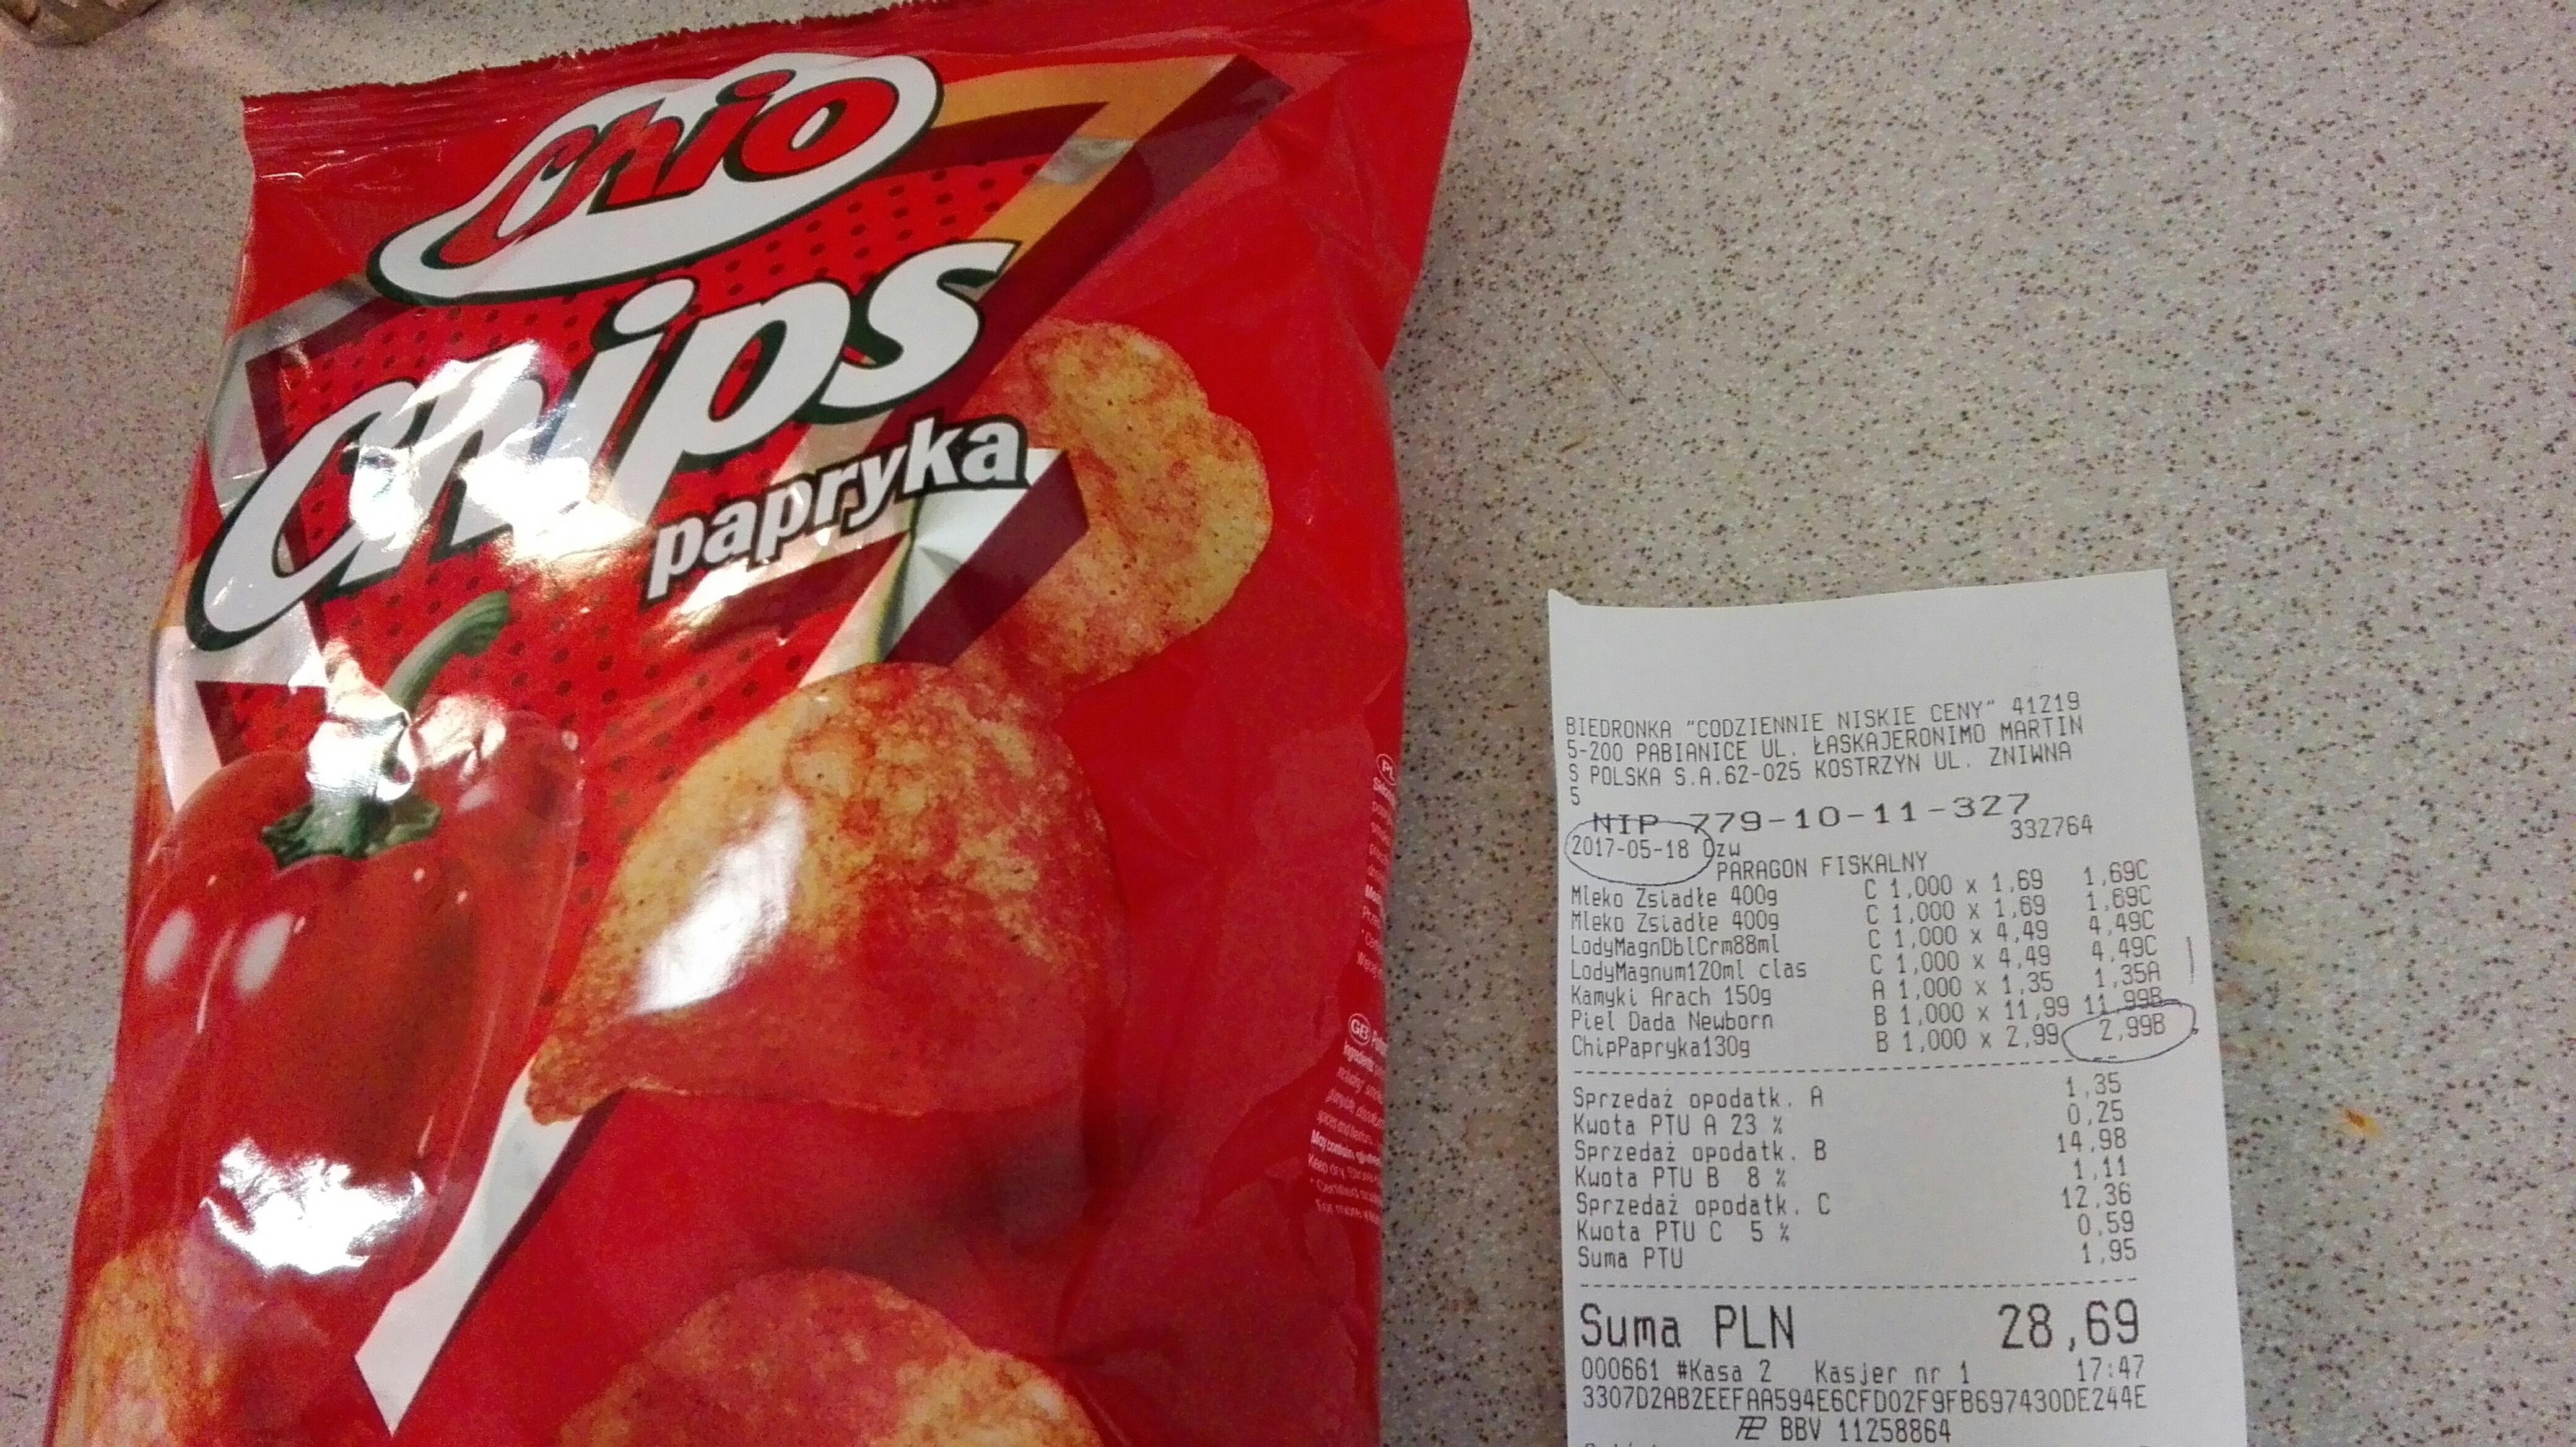 Chio chips w Biedronce! Wyprzedaż towaru.